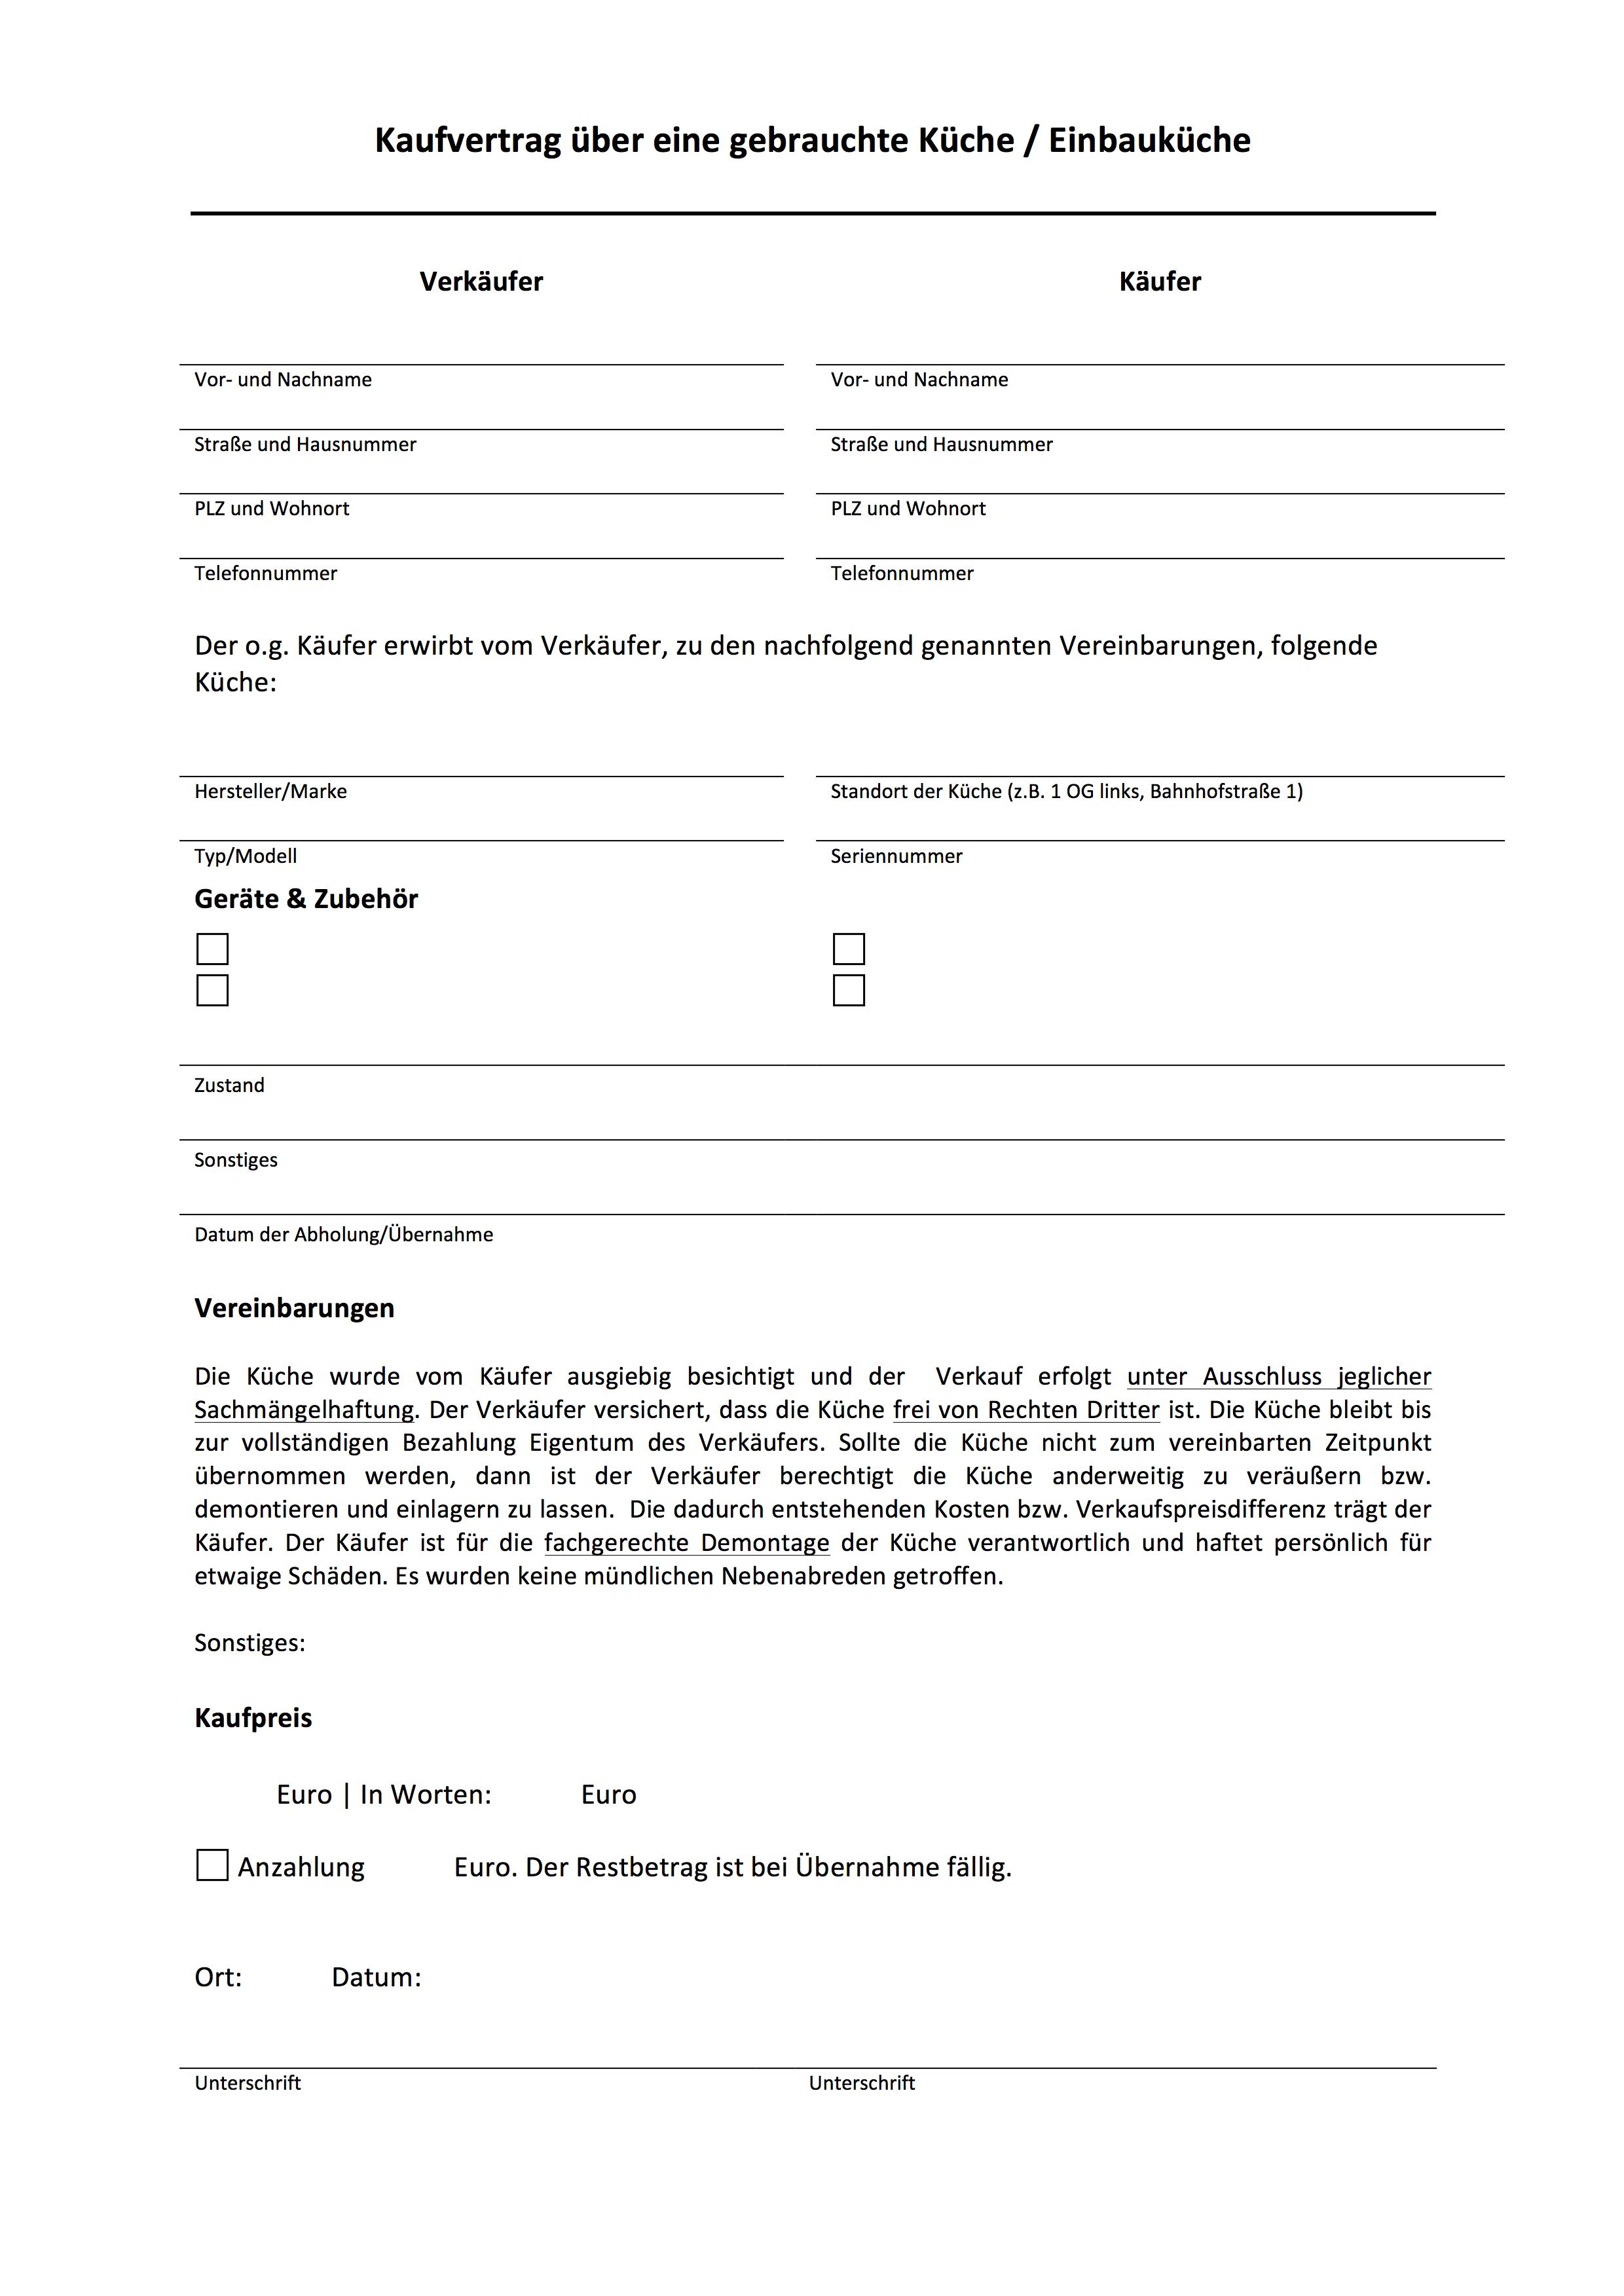 Muster Kaufvetrag Uber Eine Gebrauchte Kuche Einbaukuche Mobeltreff Recklinghausen Kuchen Entrumpelung Haushaltsauflosung